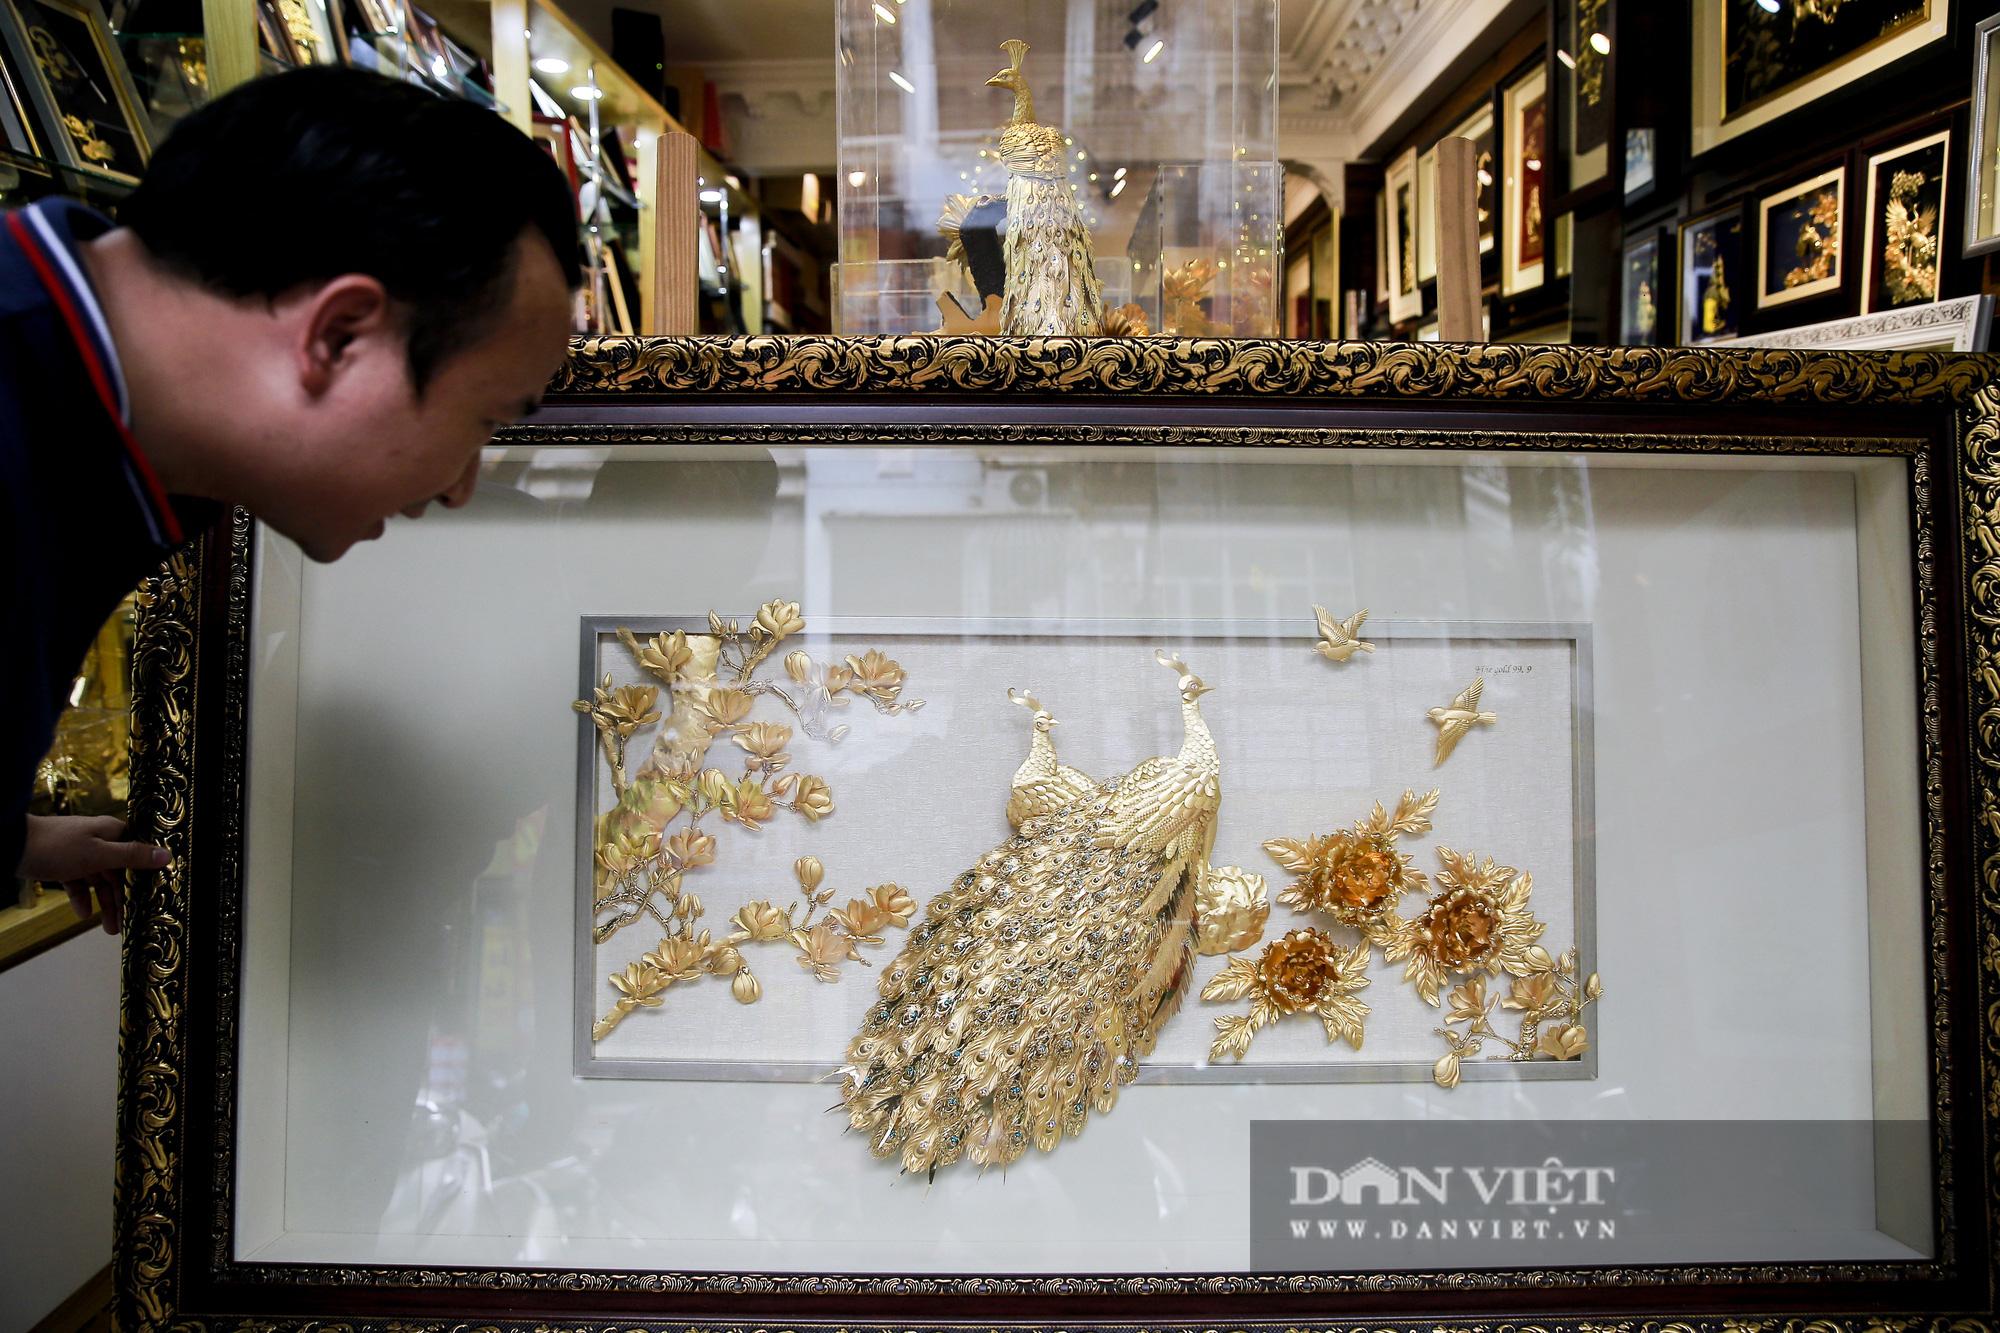 Thị trường quà tặng 8/3: Hoa, tranh, khuy cài áo mạ vàng cực đắt lên ngôi - Ảnh 9.